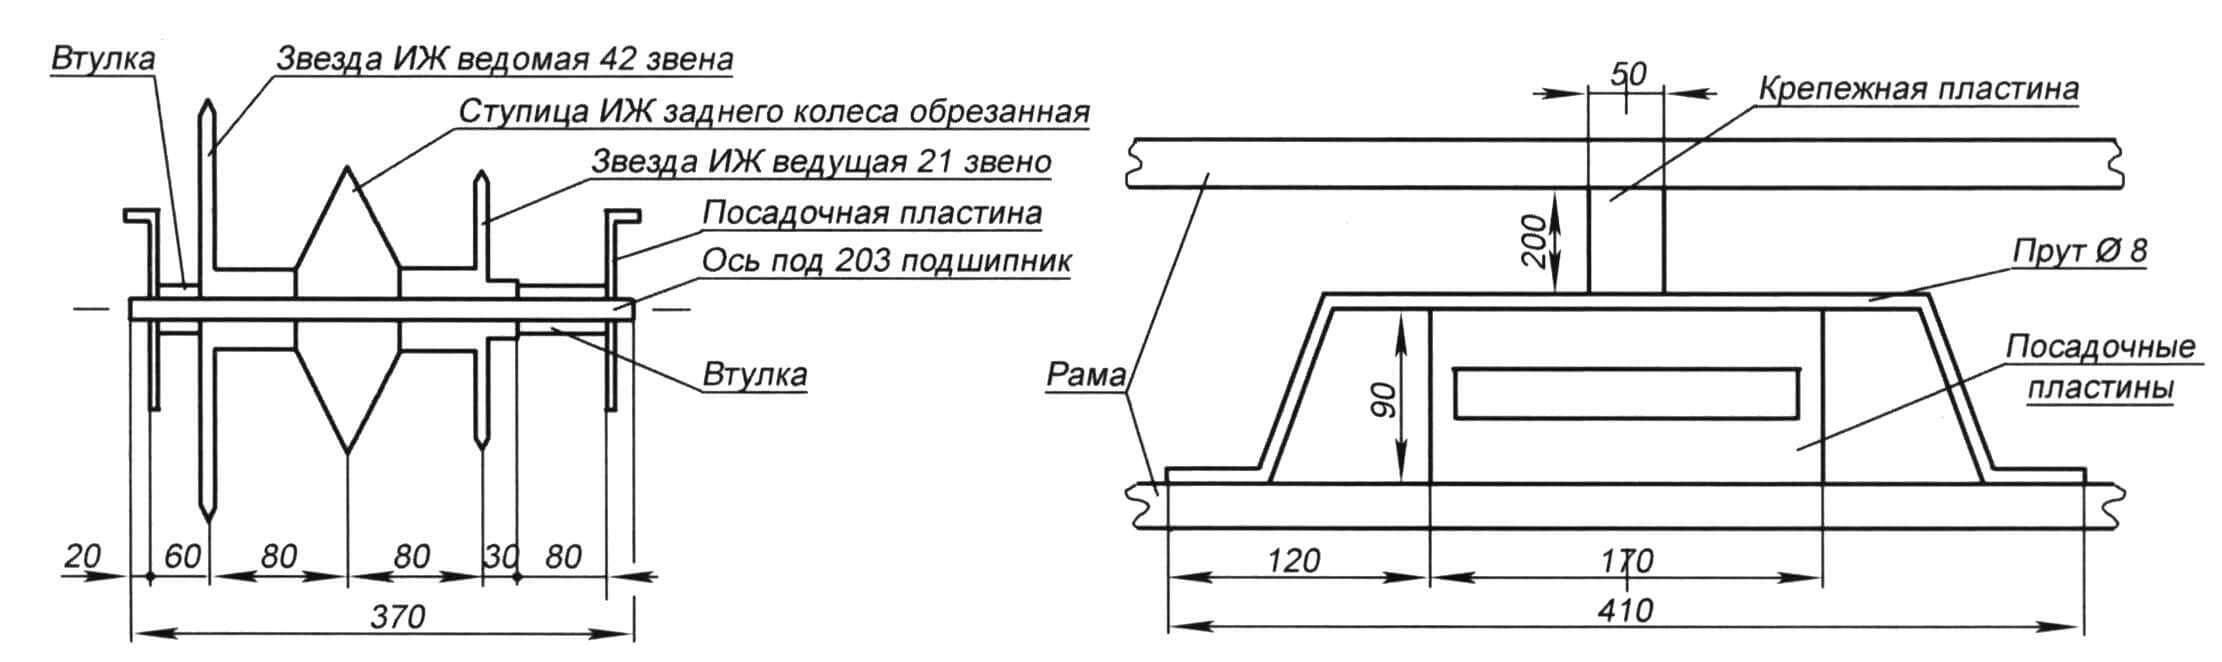 Рис. 3. Промежуточный редуктор